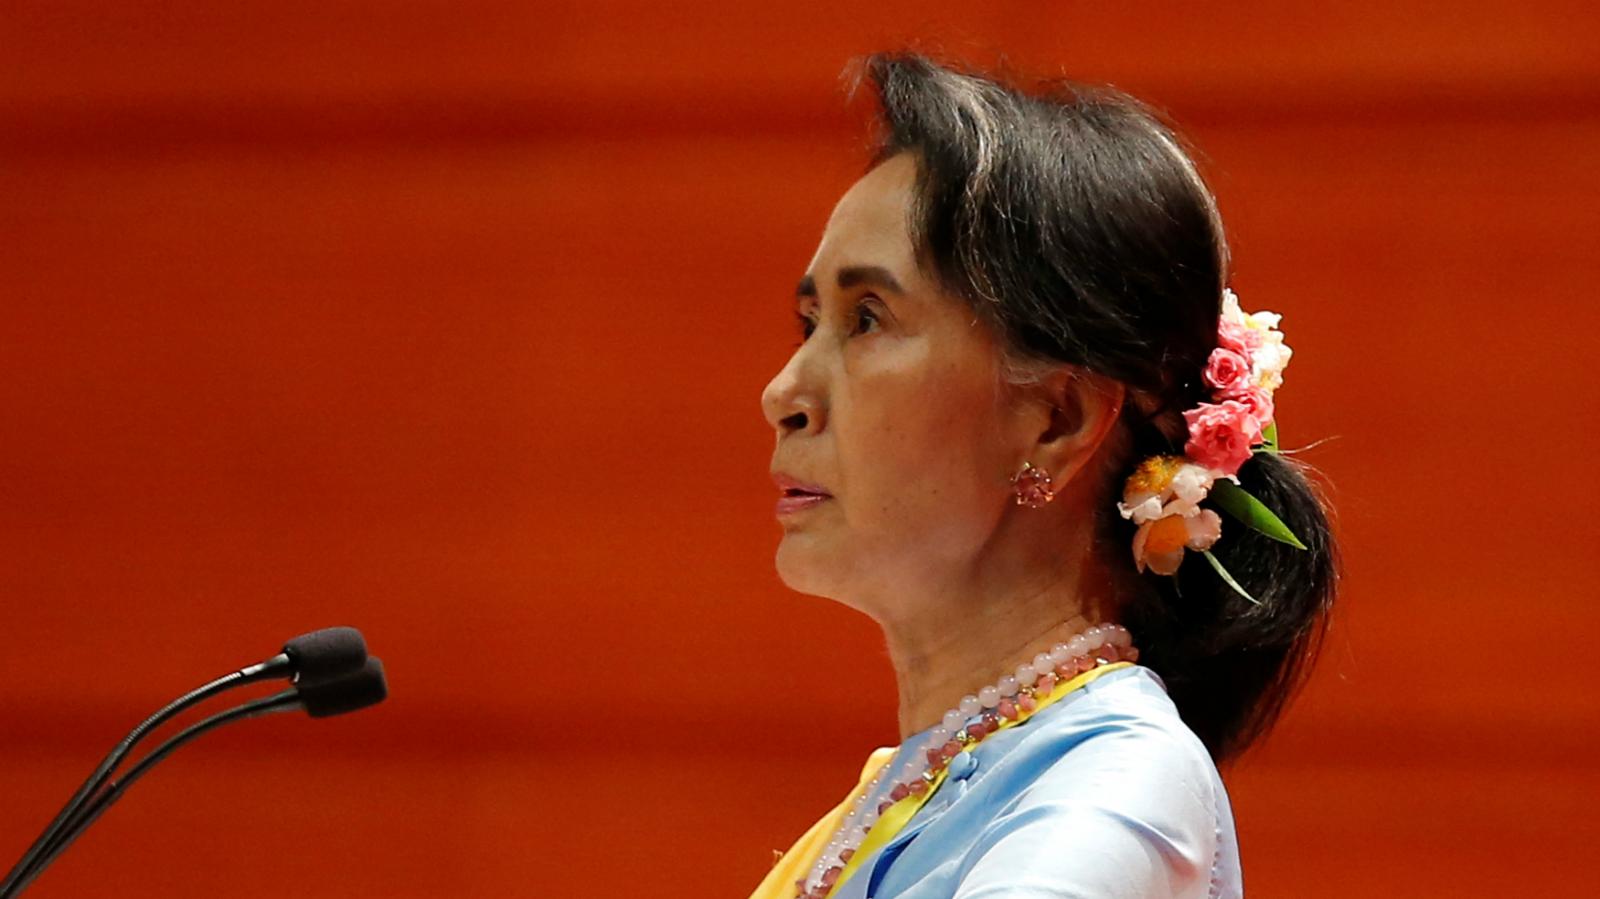 Myanmar-Rohingya-Suu Kyi